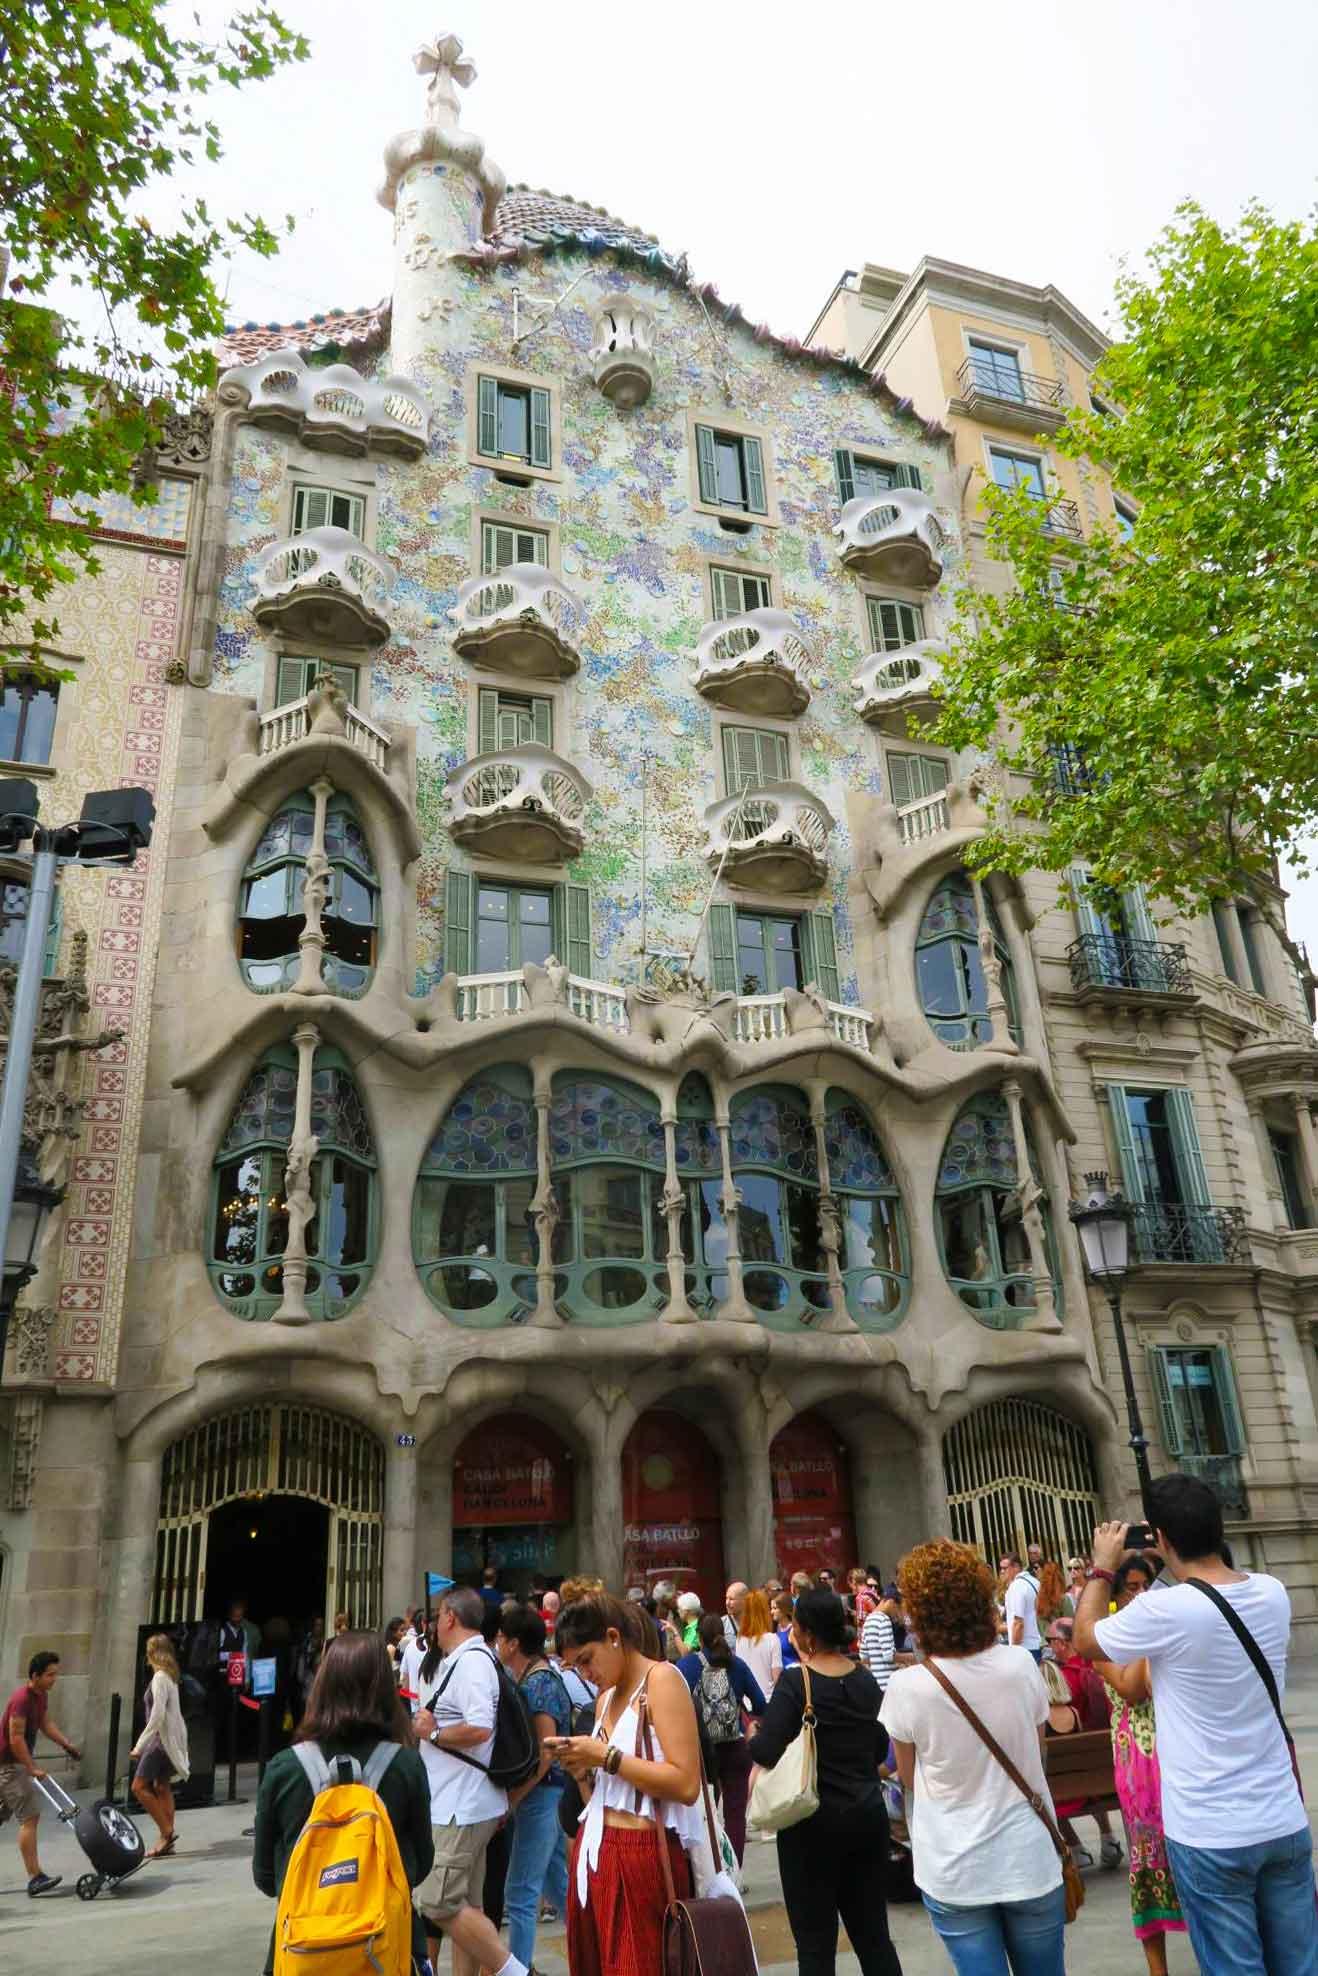 casa batllo gadi architecture in Barcelona, Spain